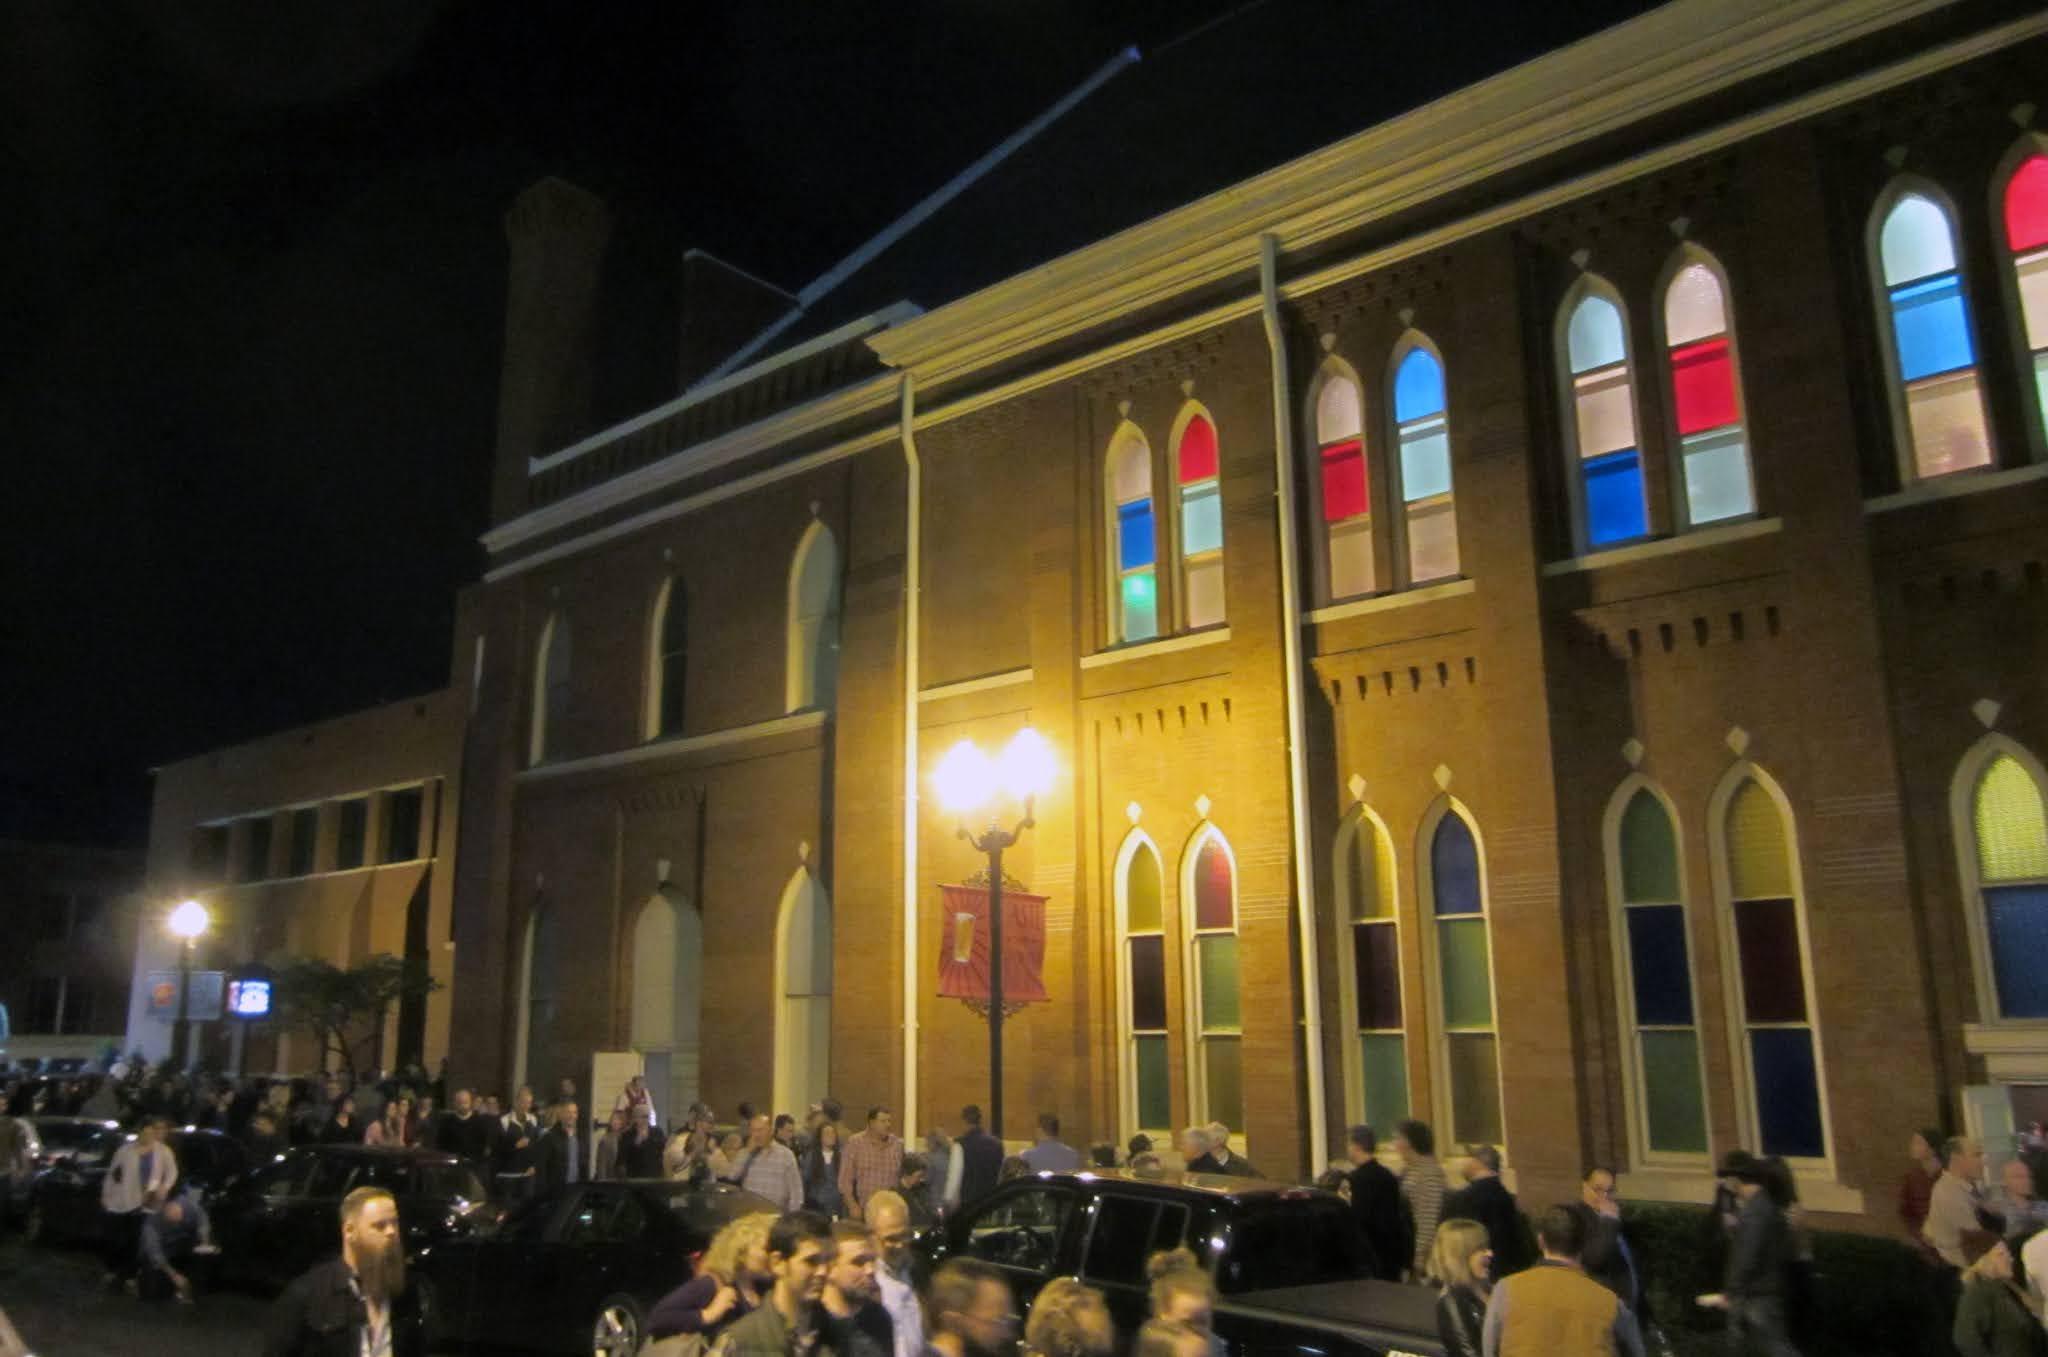 Exterior of the Ryman Auditorium